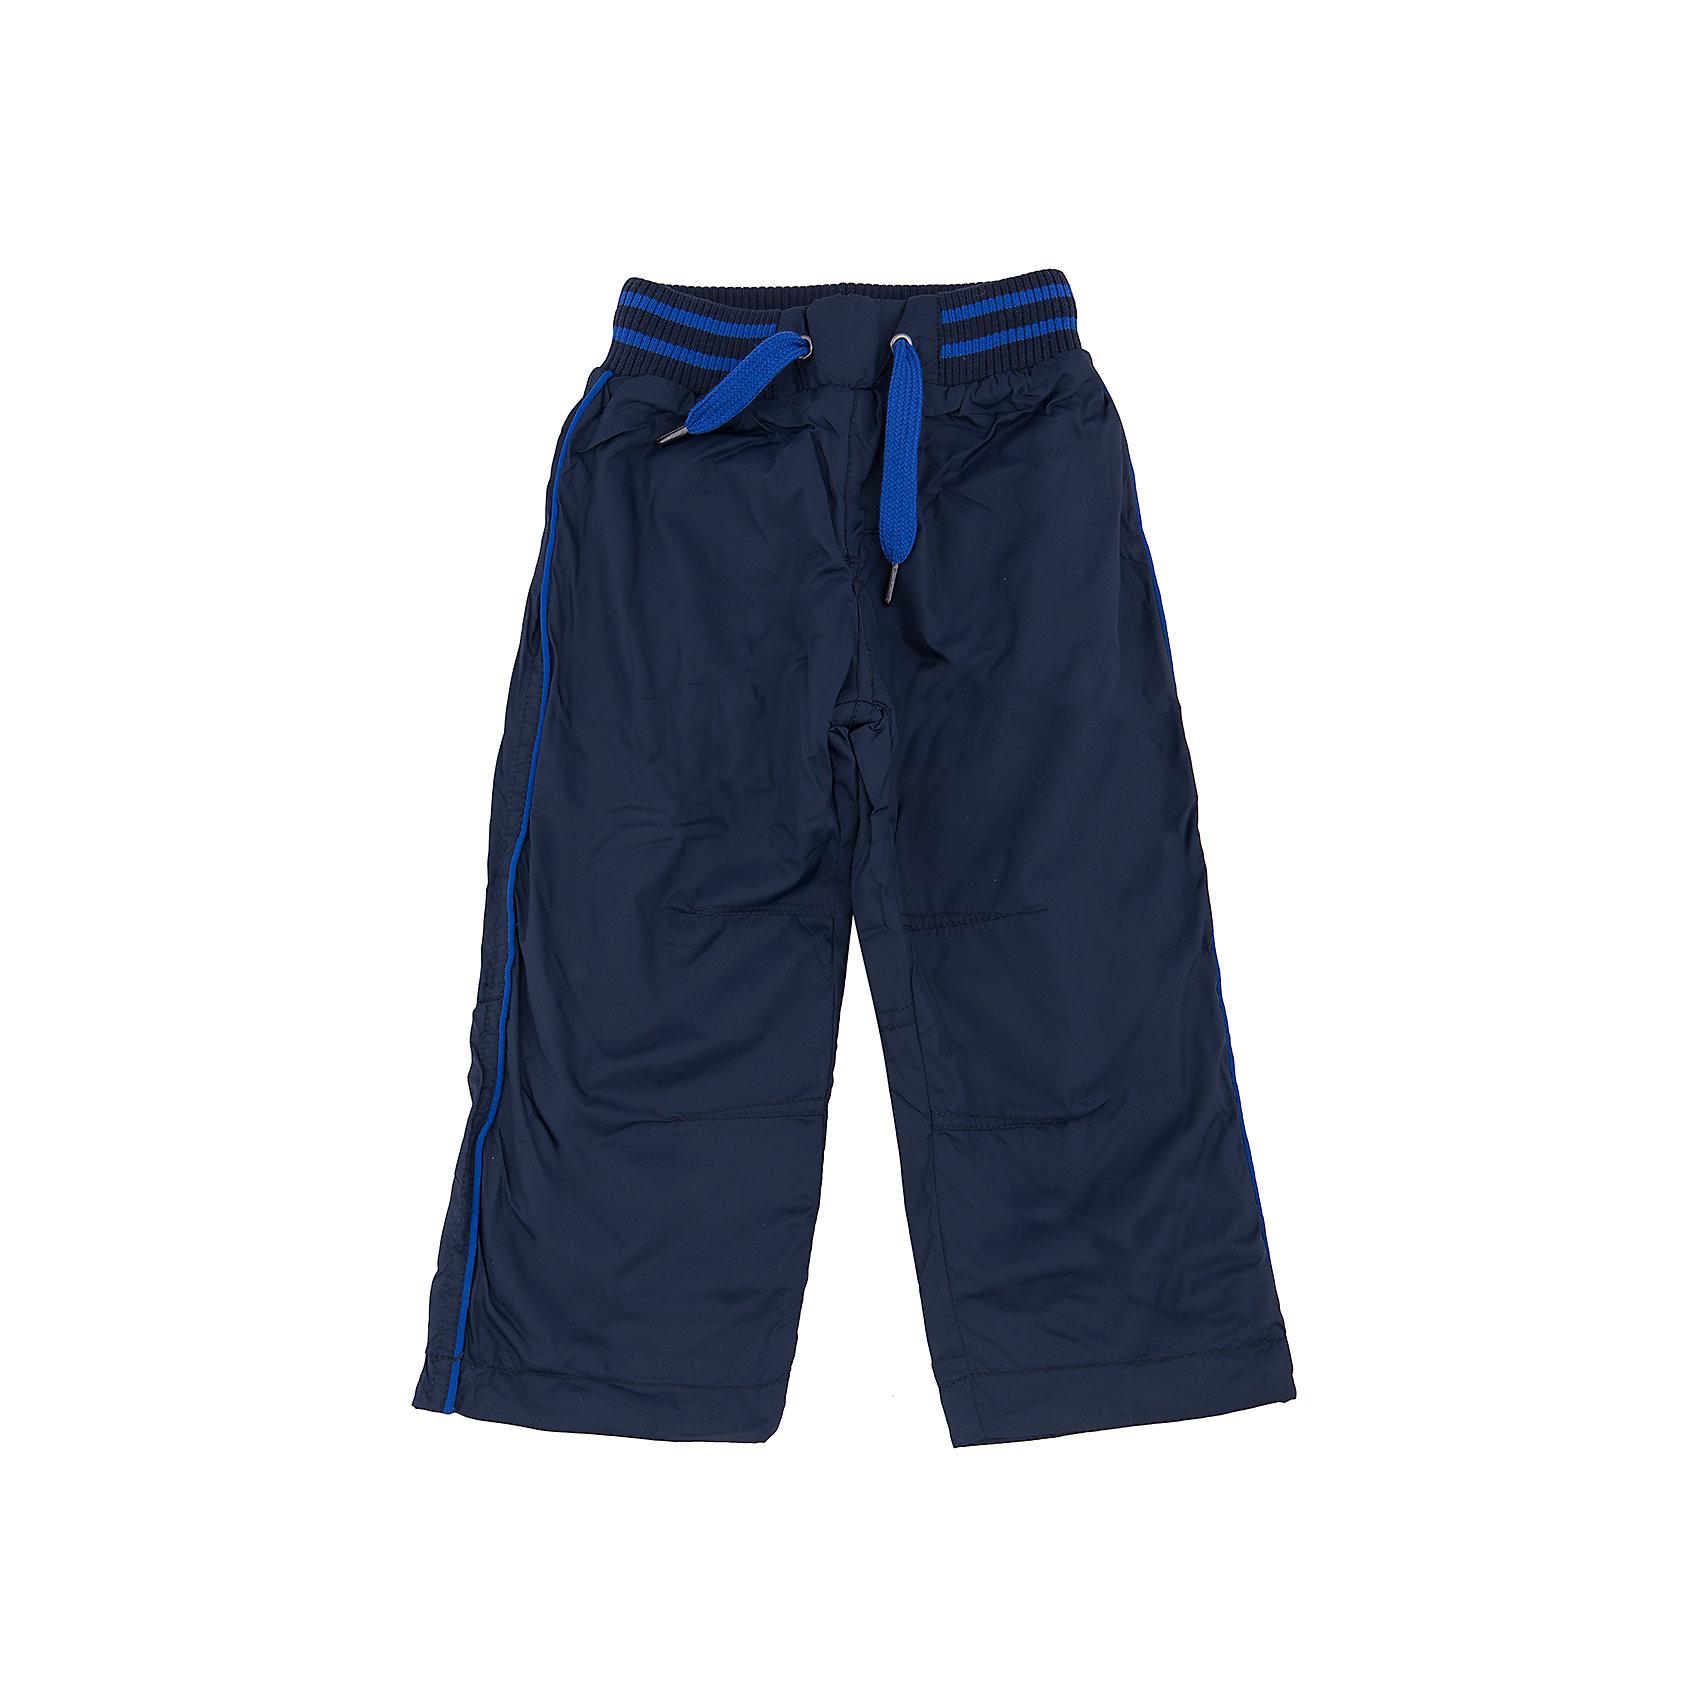 Брюки для мальчика Sweet BerryДжинсы и брючки<br>Такая модель брюк для мальчика отличается теплой подкладкой и непромокаемым верхом. Удачный крой обеспечит ребенку комфорт и тепло. Мягкая и теплая подкладка делает вещь идеальной для прохладной погоды. Она плотно прилегает к телу там, где нужно, и отлично сидит по фигуре. Брюки имеют резинку и шнурок на талии. <br>Одежда от бренда Sweet Berry - это простой и выгодный способ одеть ребенка удобно и стильно. Всё изделия тщательно проработаны: швы - прочные, материал - качественный, фурнитура - подобранная специально для детей. <br><br>Дополнительная информация:<br><br>цвет: синий;<br>резинка и шнурок на талии;<br>материал: верх - 100% нейлон, подкладка - 100% полиэстер;<br>непромокаемый верх.<br><br>Брюки для мальчика от бренда Sweet Berry можно купить в нашем интернет-магазине.<br><br>Ширина мм: 215<br>Глубина мм: 88<br>Высота мм: 191<br>Вес г: 336<br>Цвет: синий<br>Возраст от месяцев: 24<br>Возраст до месяцев: 36<br>Пол: Мужской<br>Возраст: Детский<br>Размер: 98,80,86,92<br>SKU: 4929927